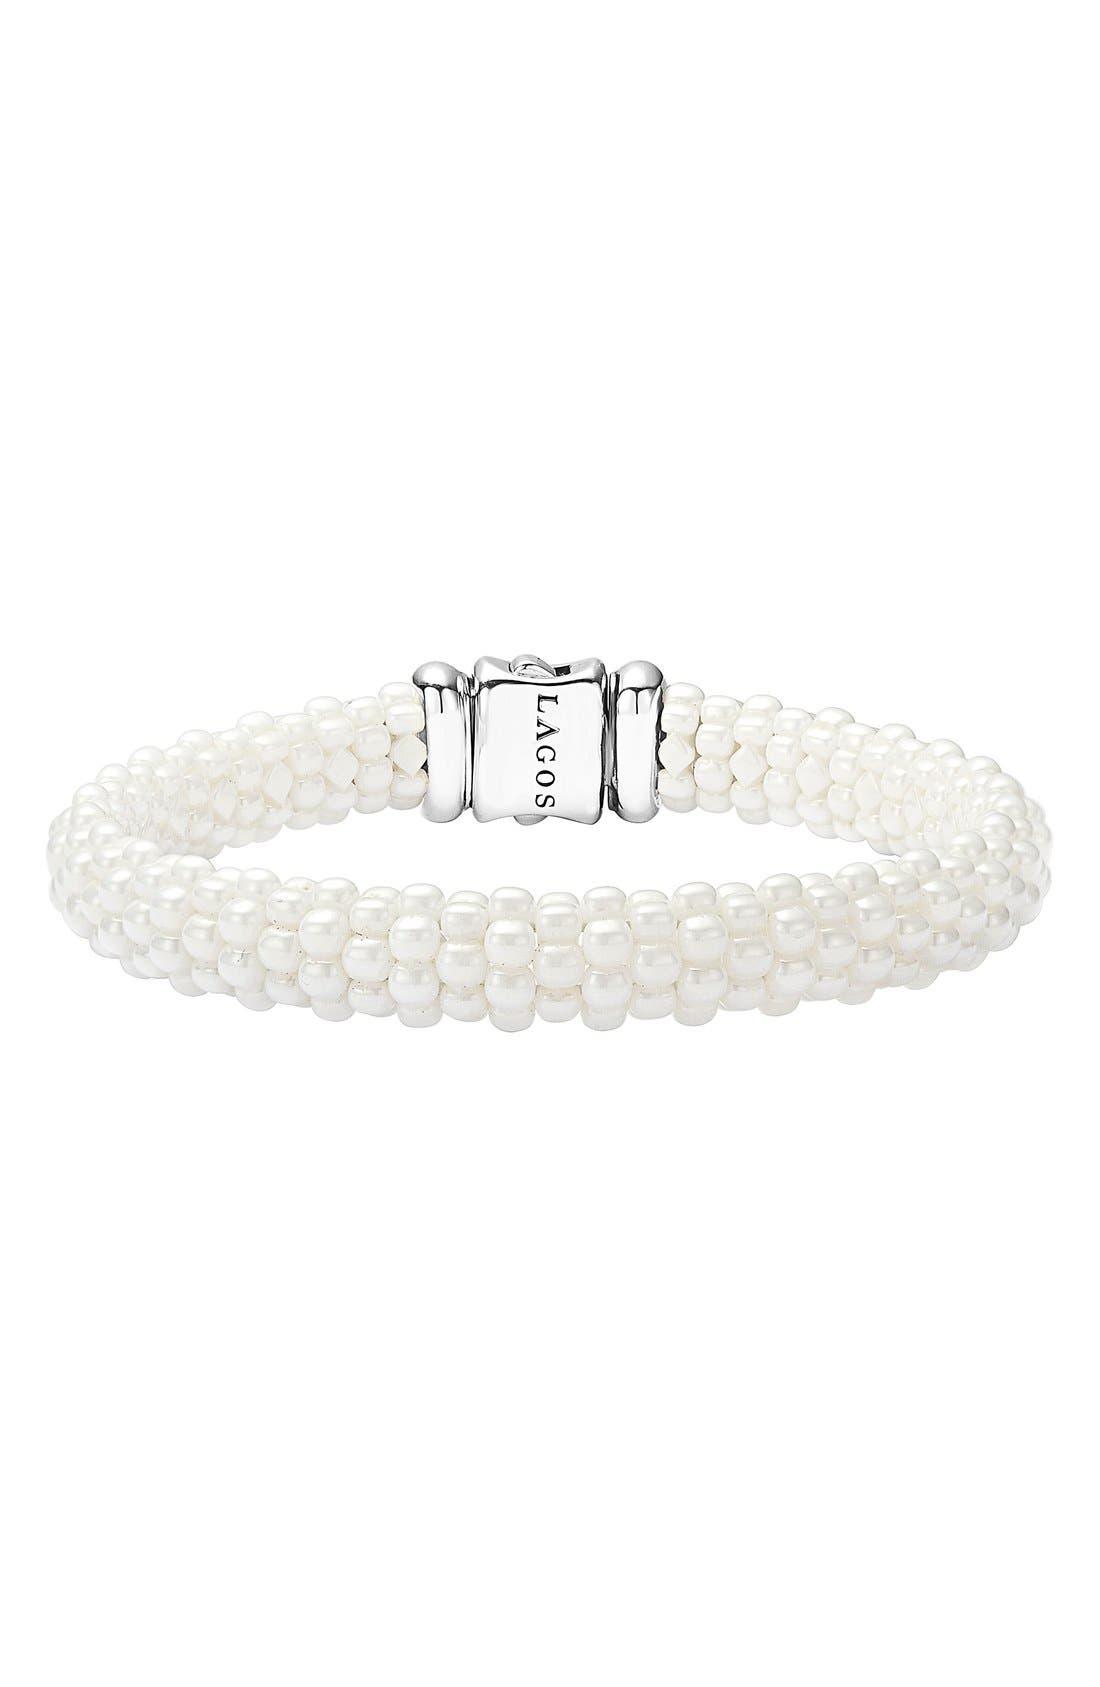 'White Caviar' Rope Bracelet,                             Main thumbnail 1, color,                             WHITE CAVIAR